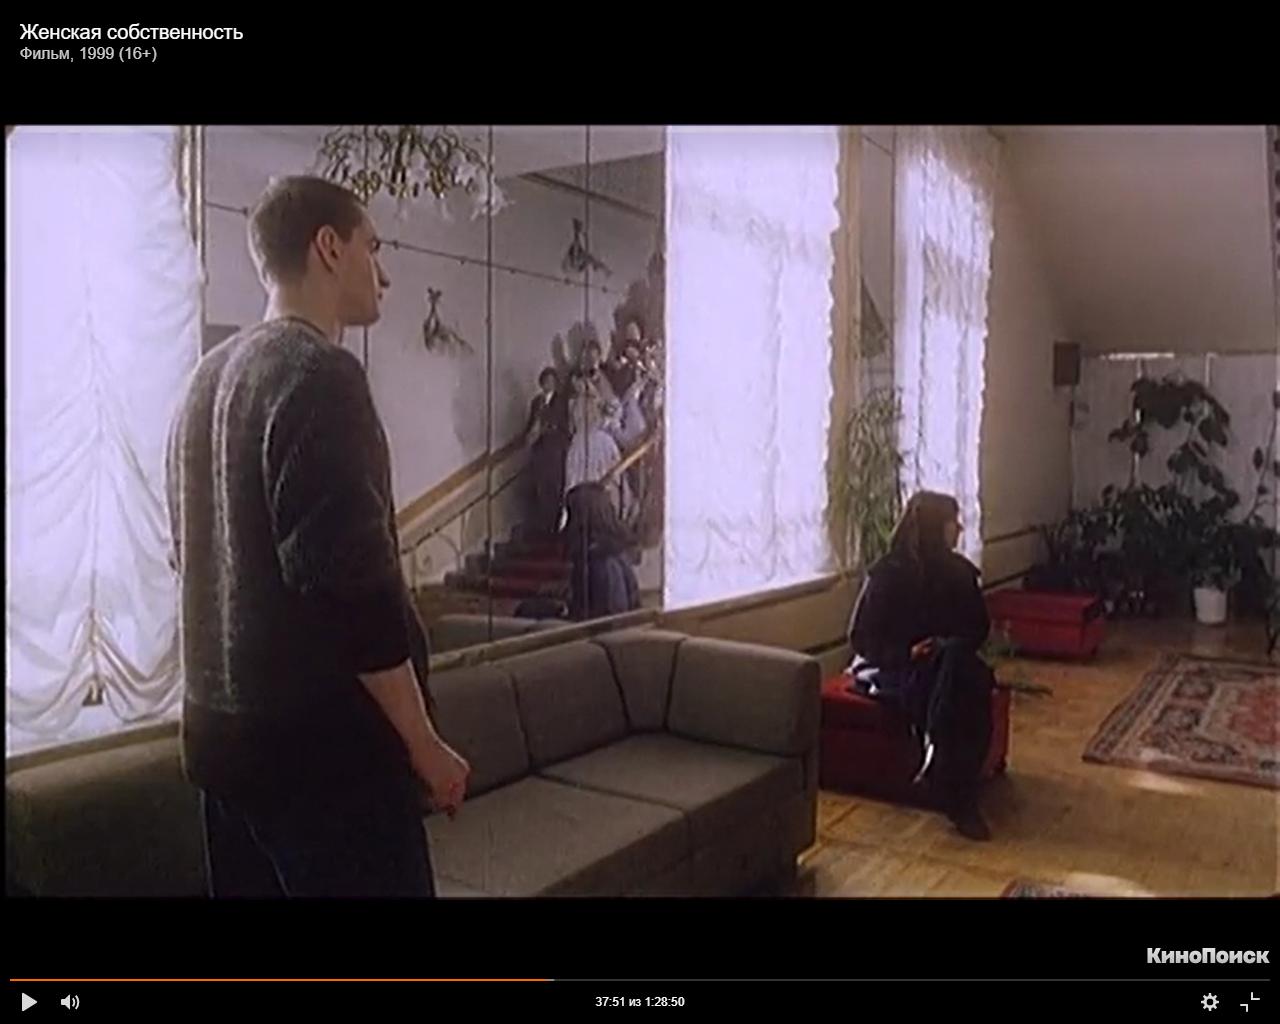 Фрагмент фильма. В ЗАГСе